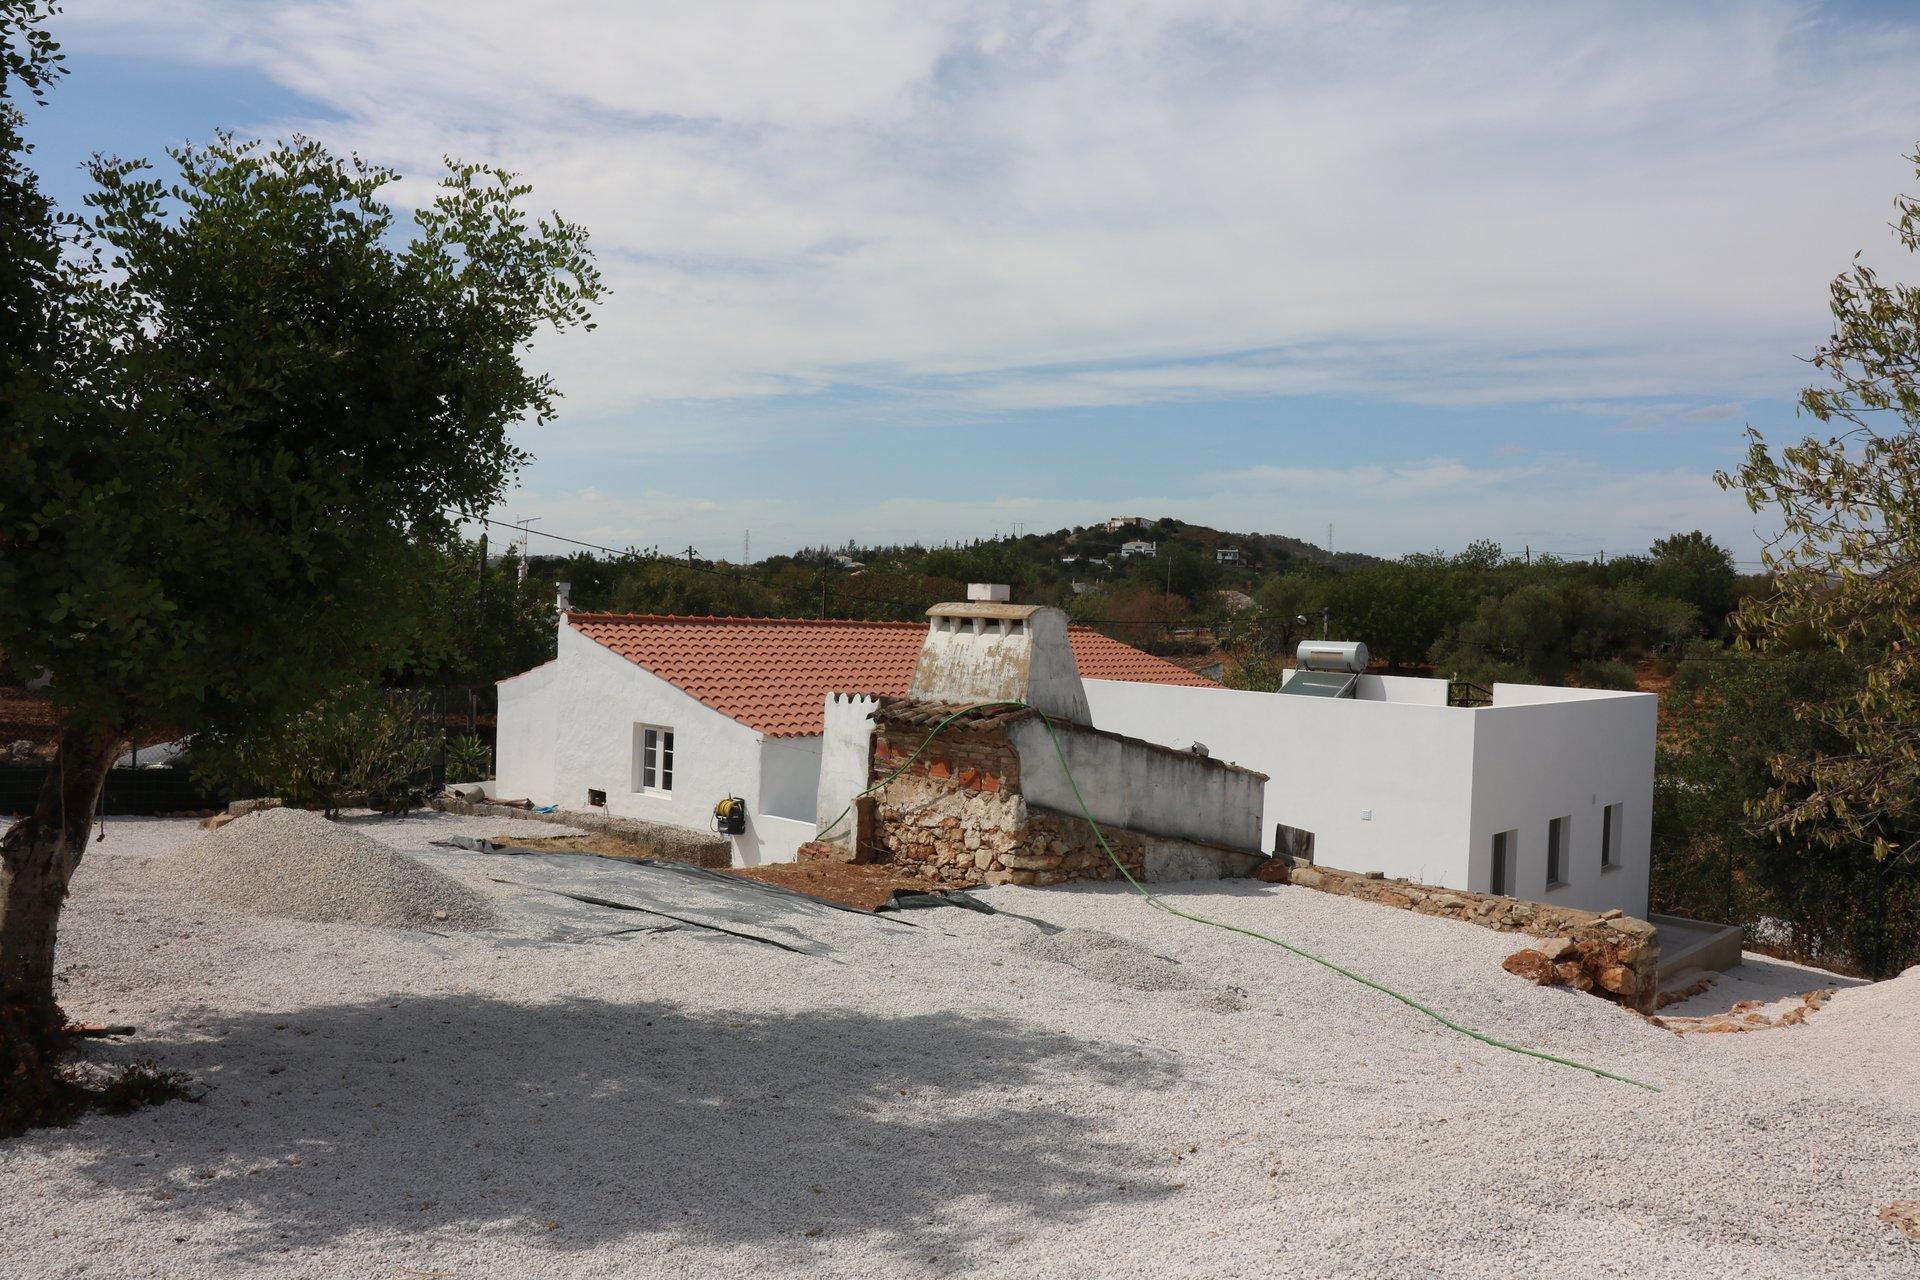 4 Bedroom Villa Sao Bras de Alportel, Central Algarve Ref: JV10381